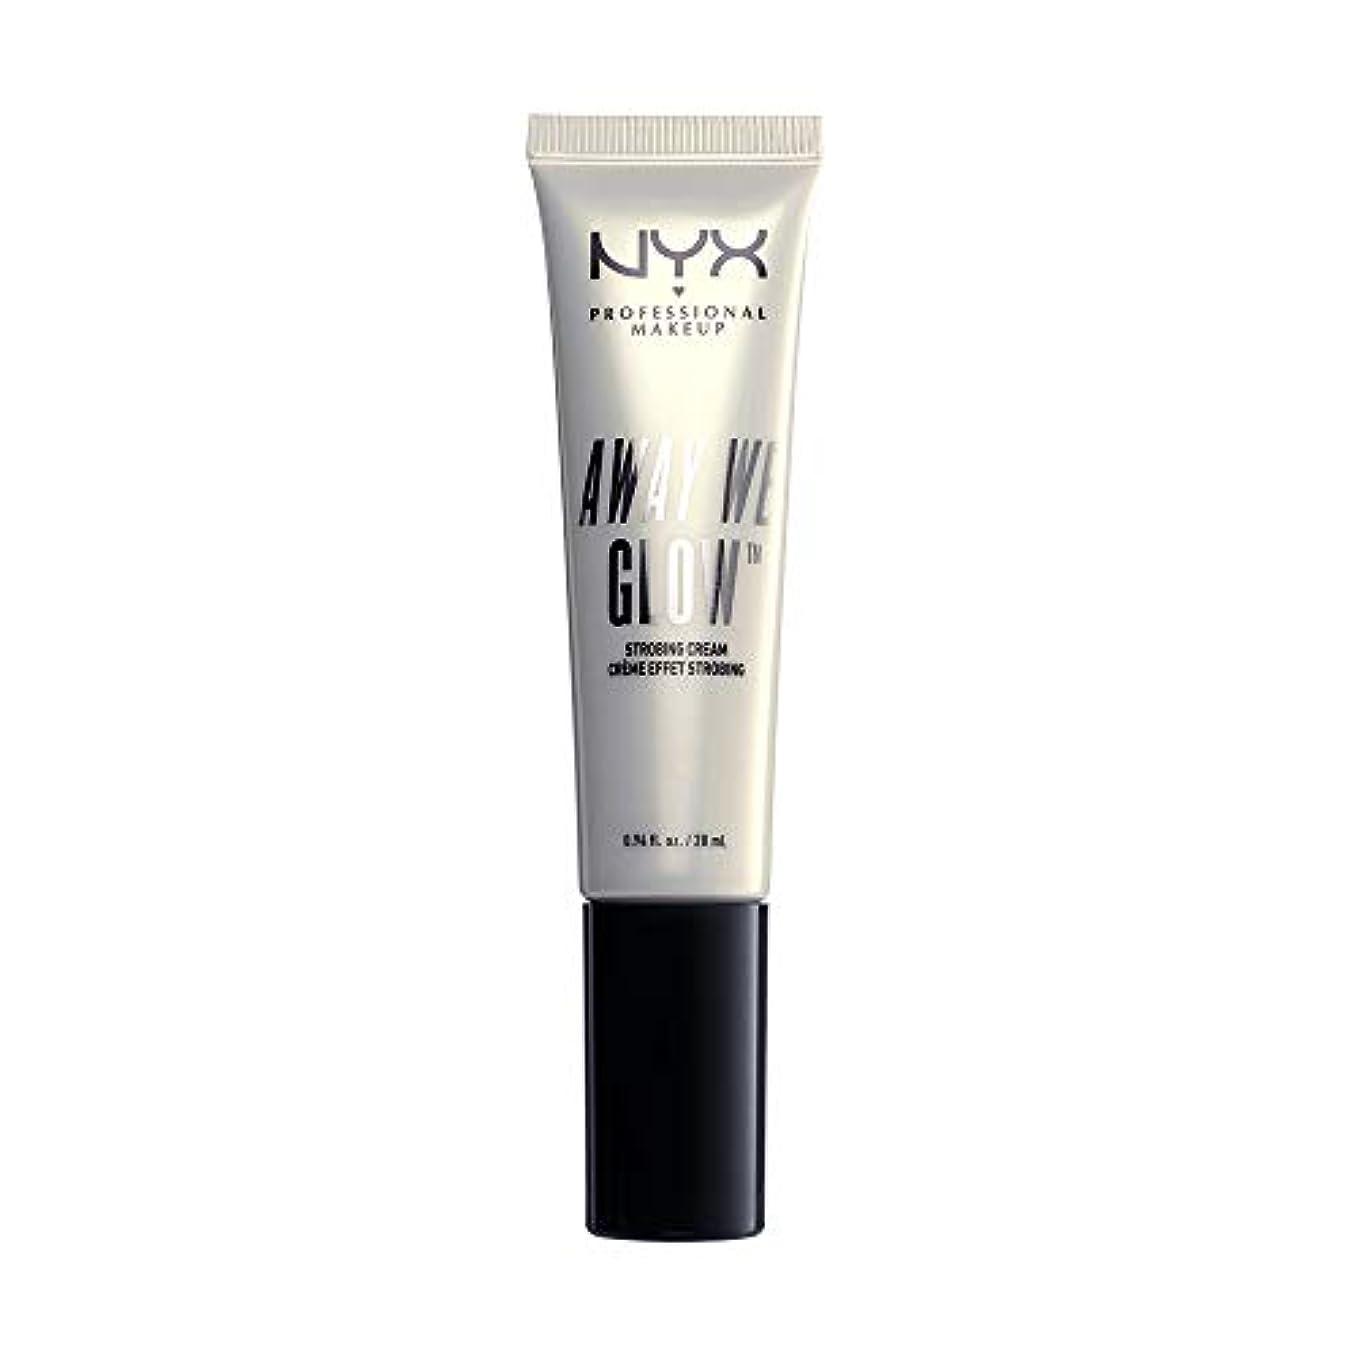 ゆりからに変化する議題NYX(ニックス) アウェイ ウィー グロー ストロビングクリーム 01 カラー ブライト スター